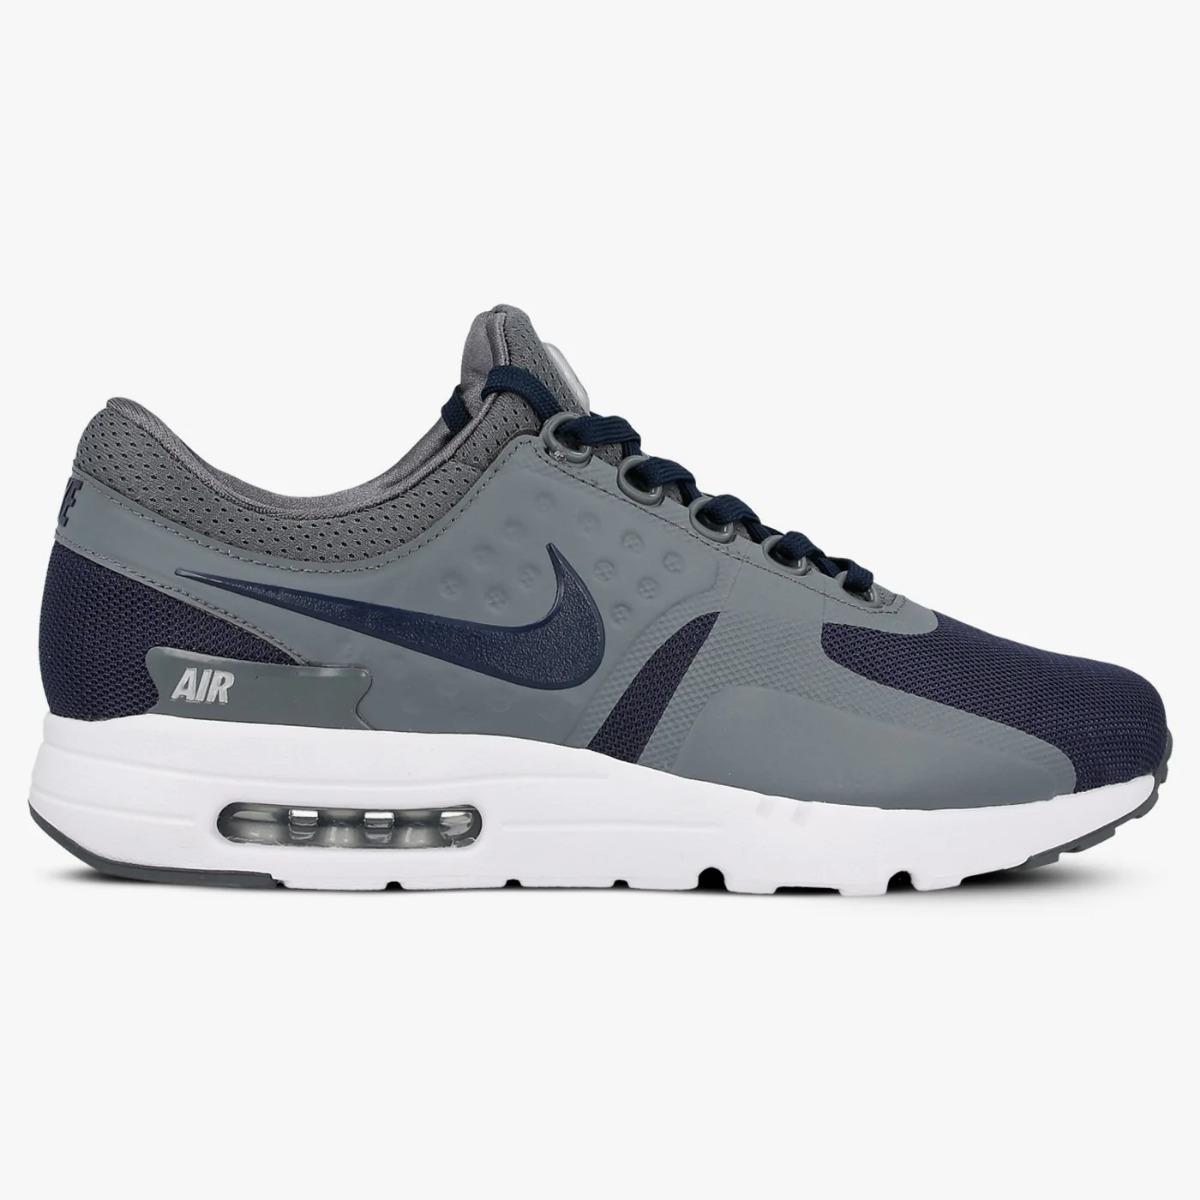 Zapatillas Nike Air Max Zero Essential Hombre Urbanas C Env